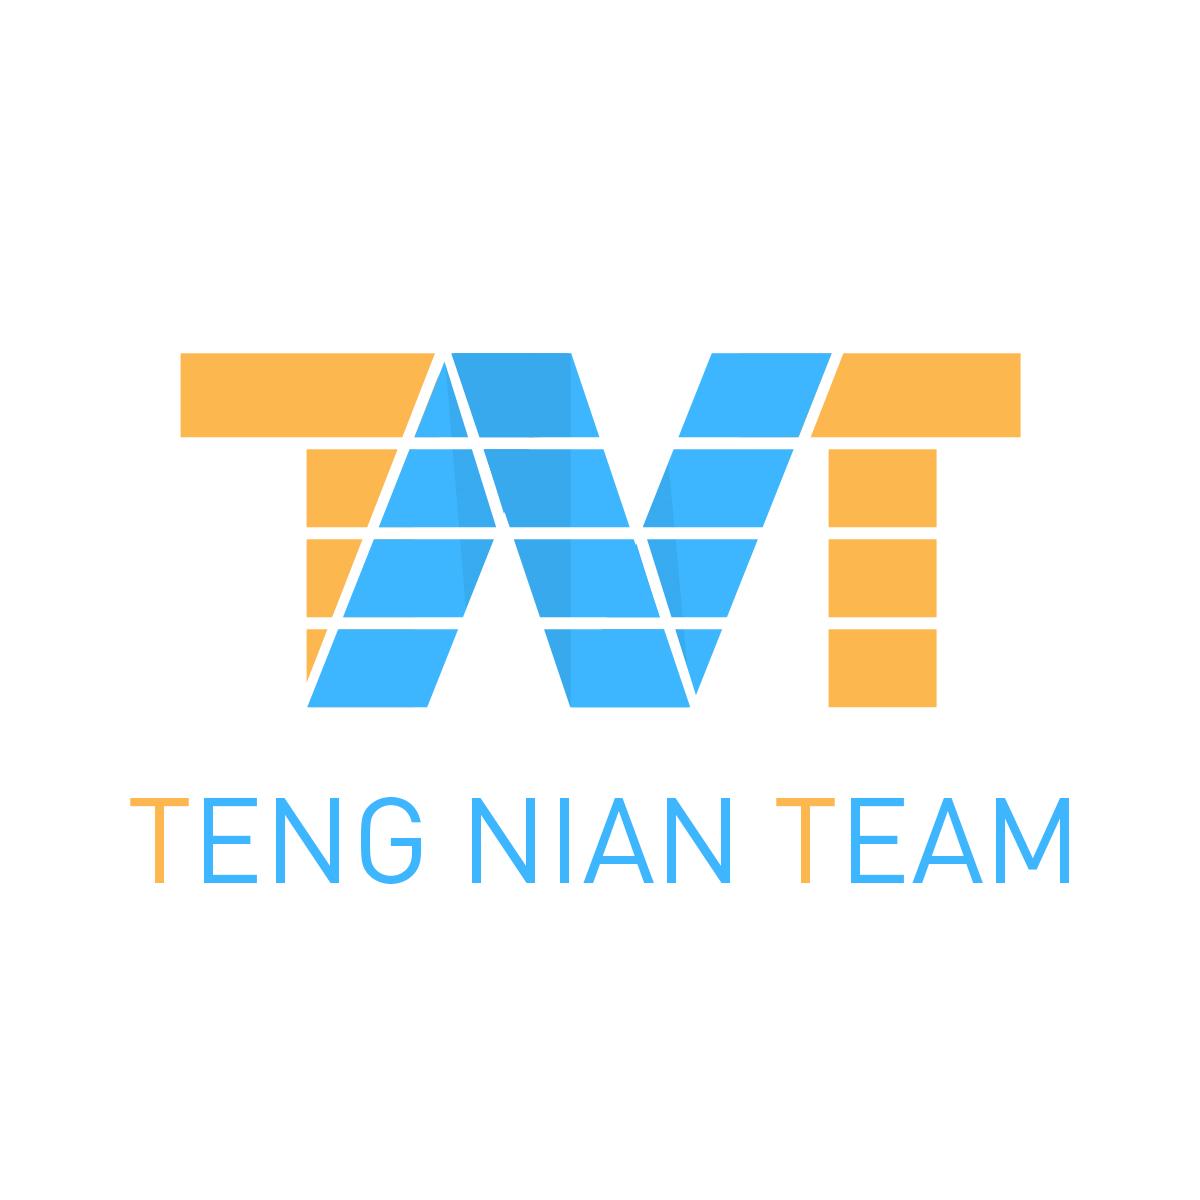 《TNT团队文化》